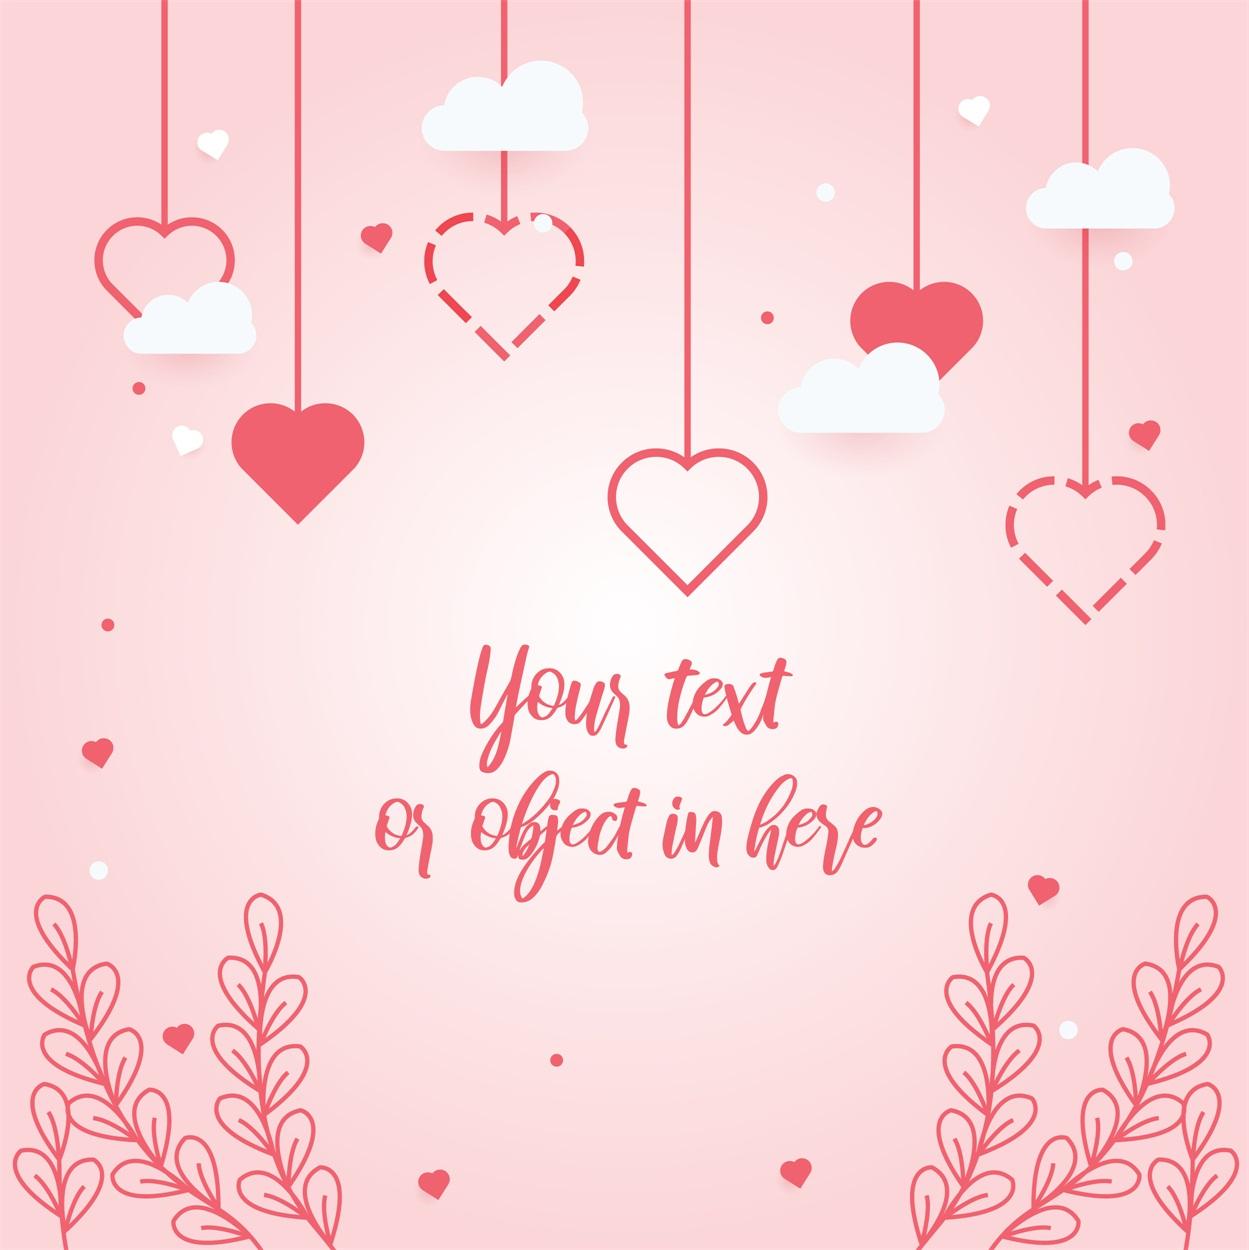 22款情人节七夕节购物促销海报传单设计AI矢量素材 Valentines day Poster Vector Material插图2